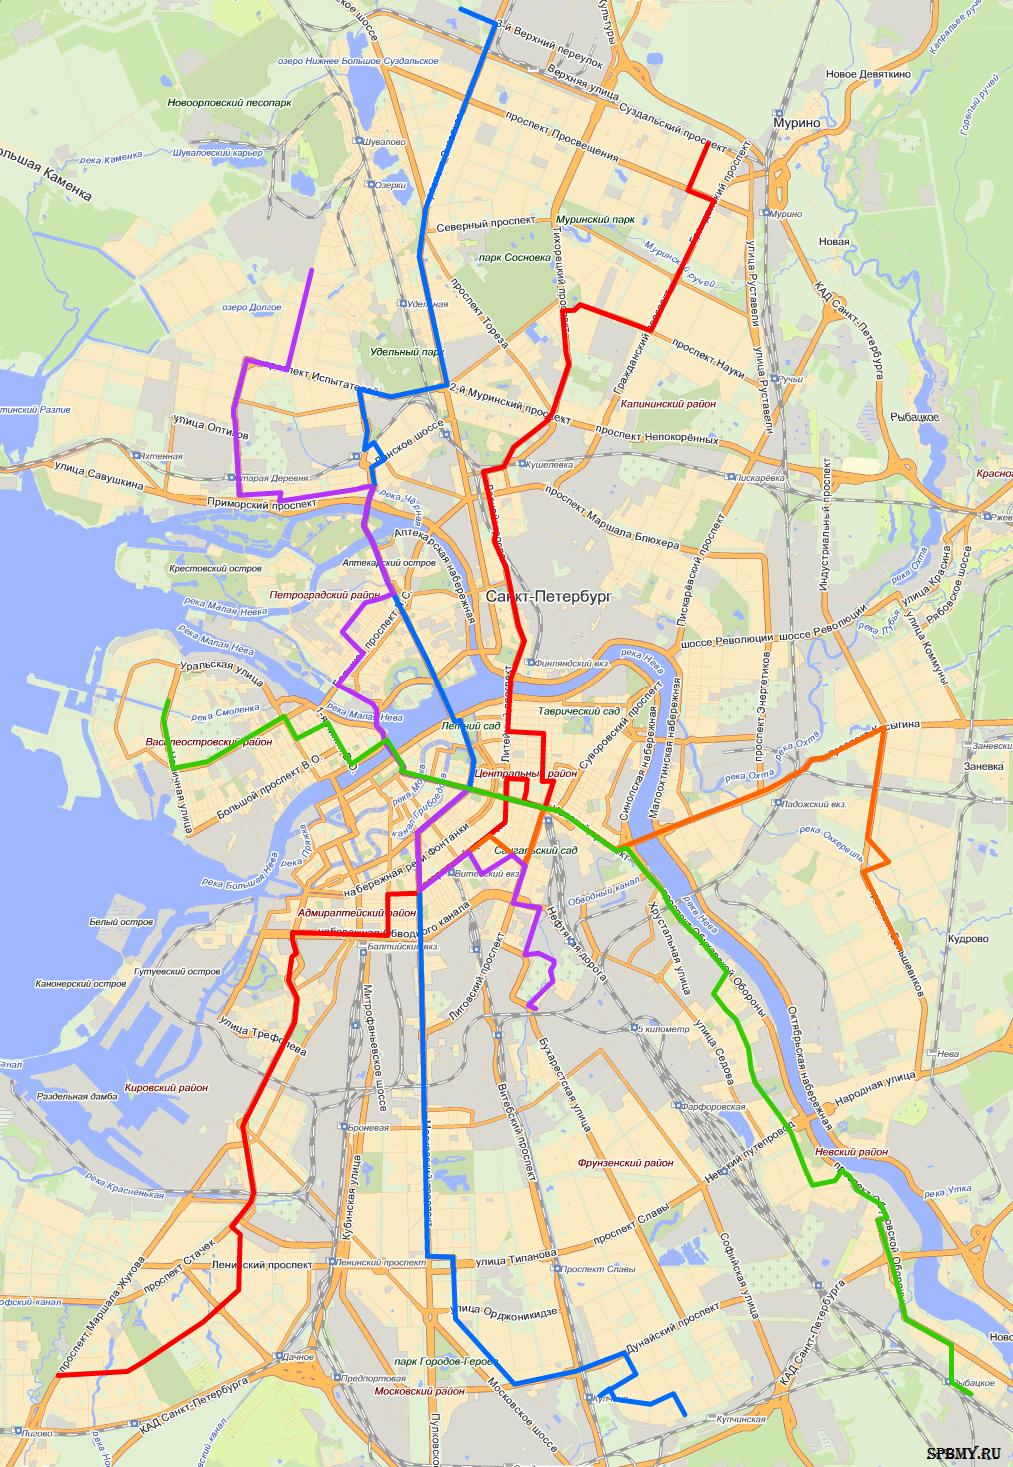 Карта общественного транспорта санкт-петербурга